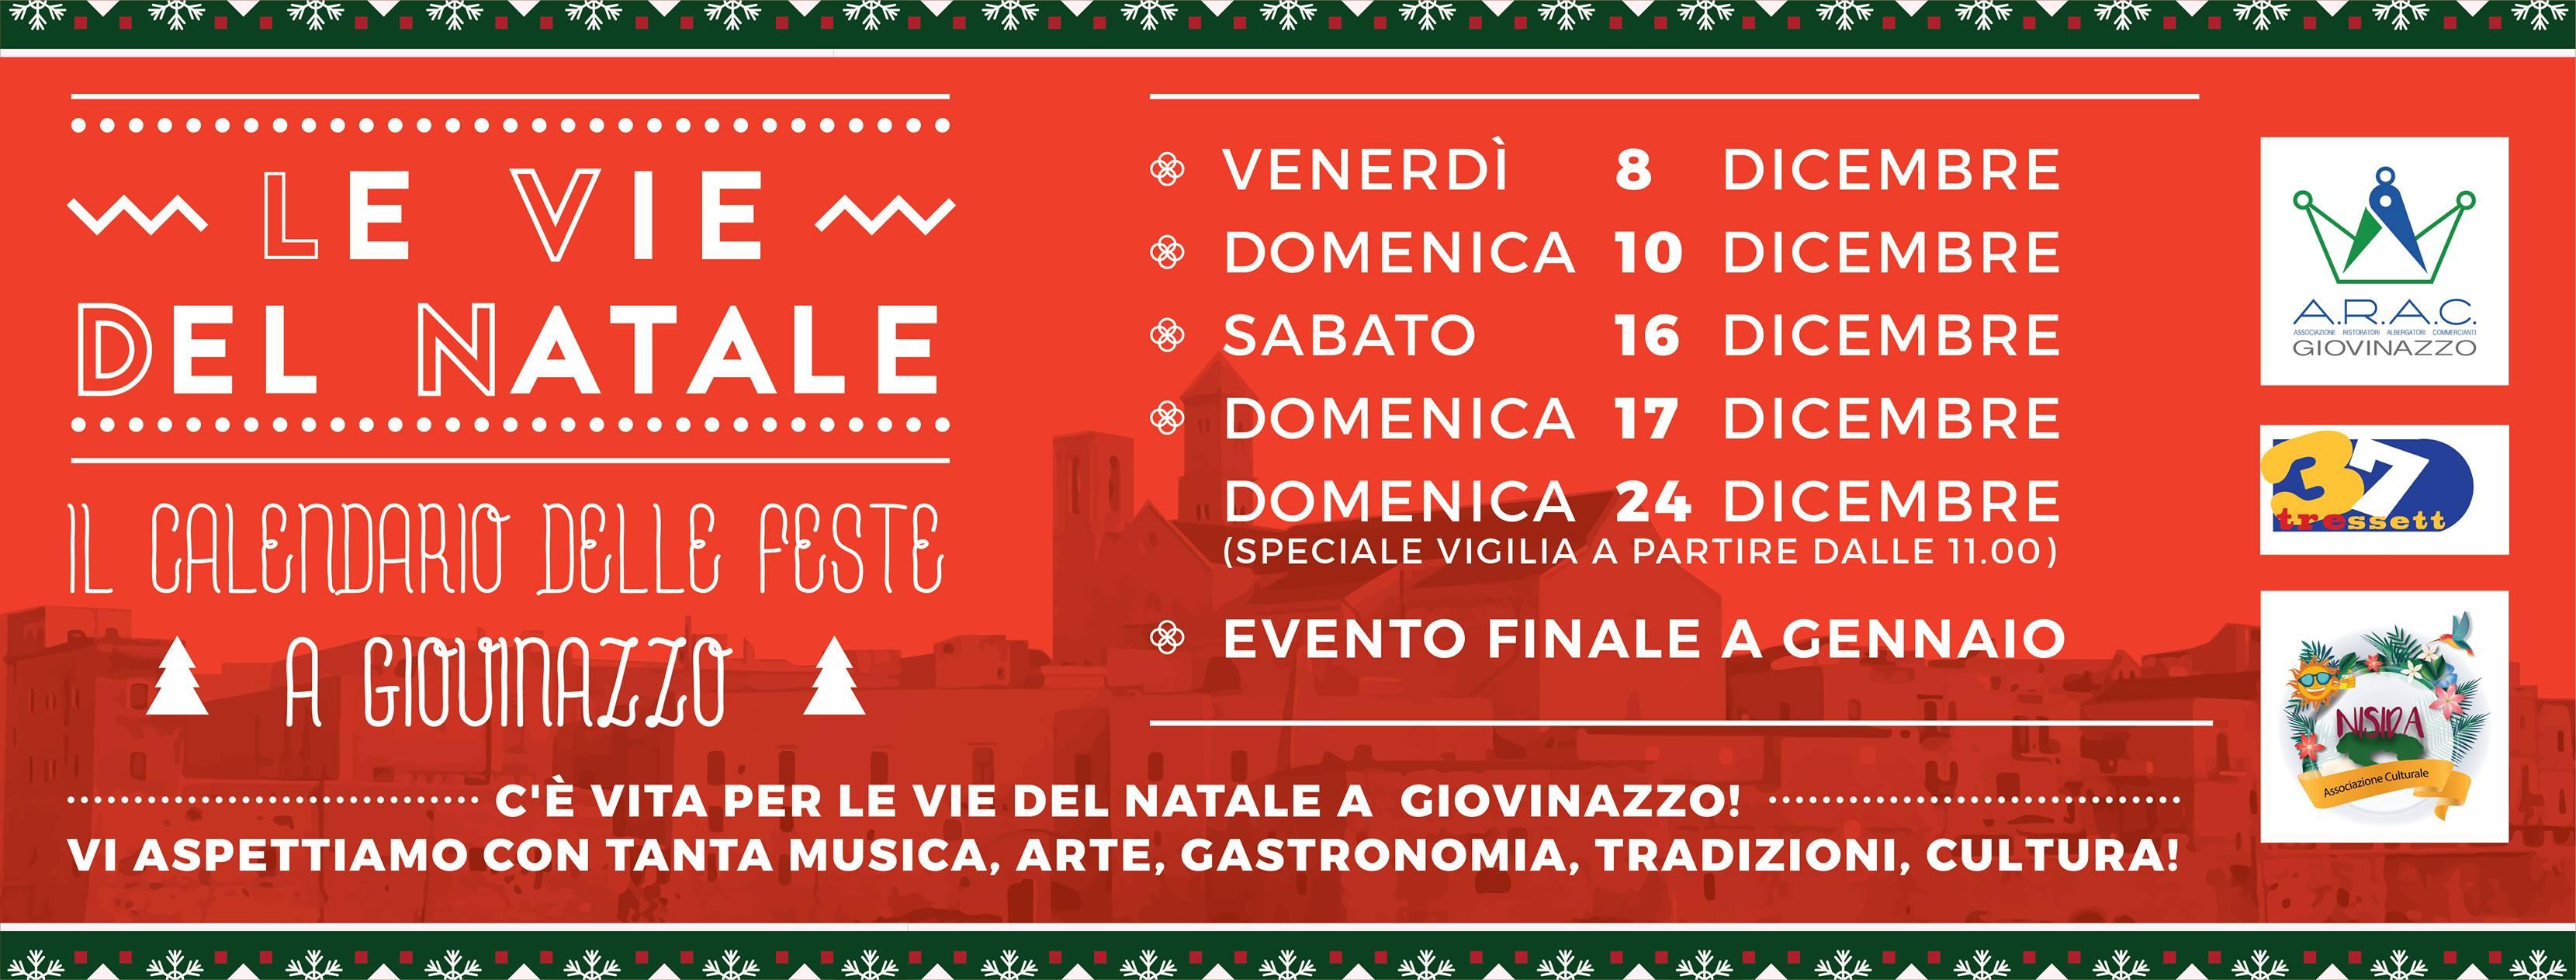 Calendario Eventi Ostuni 2020.Le Vie Del Natale A Giovinazzo Il Programma Completo Delle